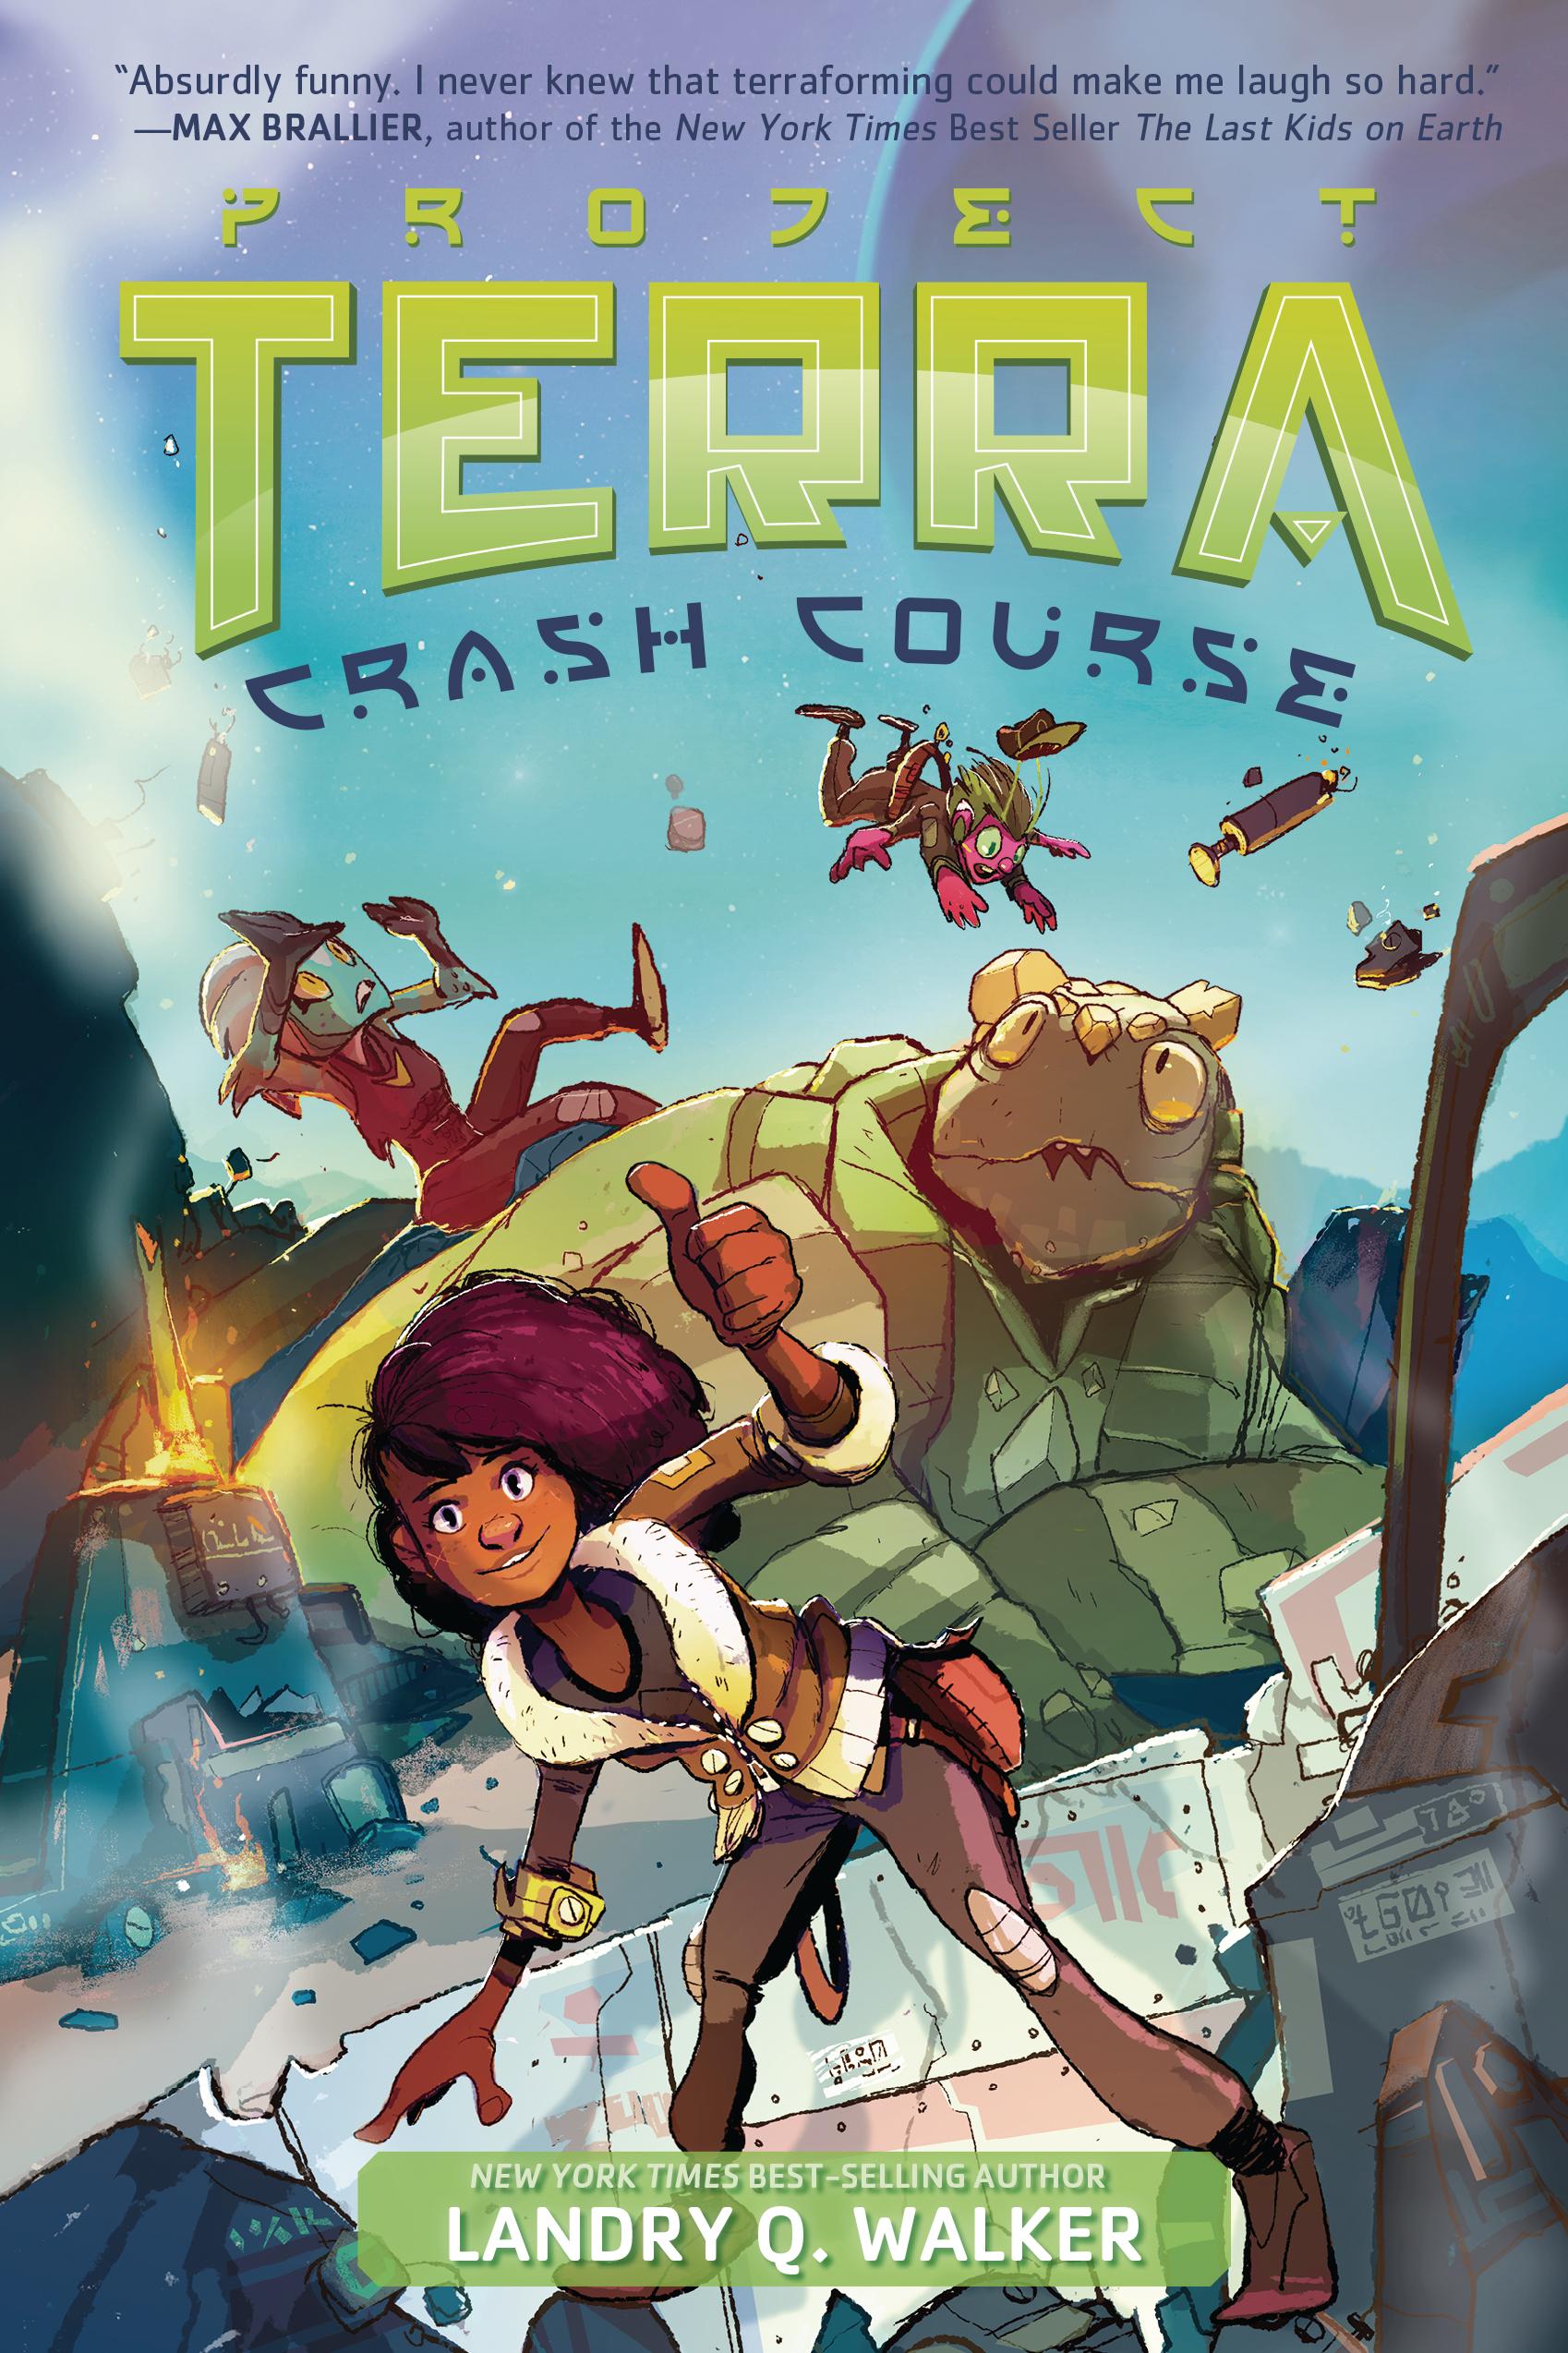 Book 1 : Crash Course